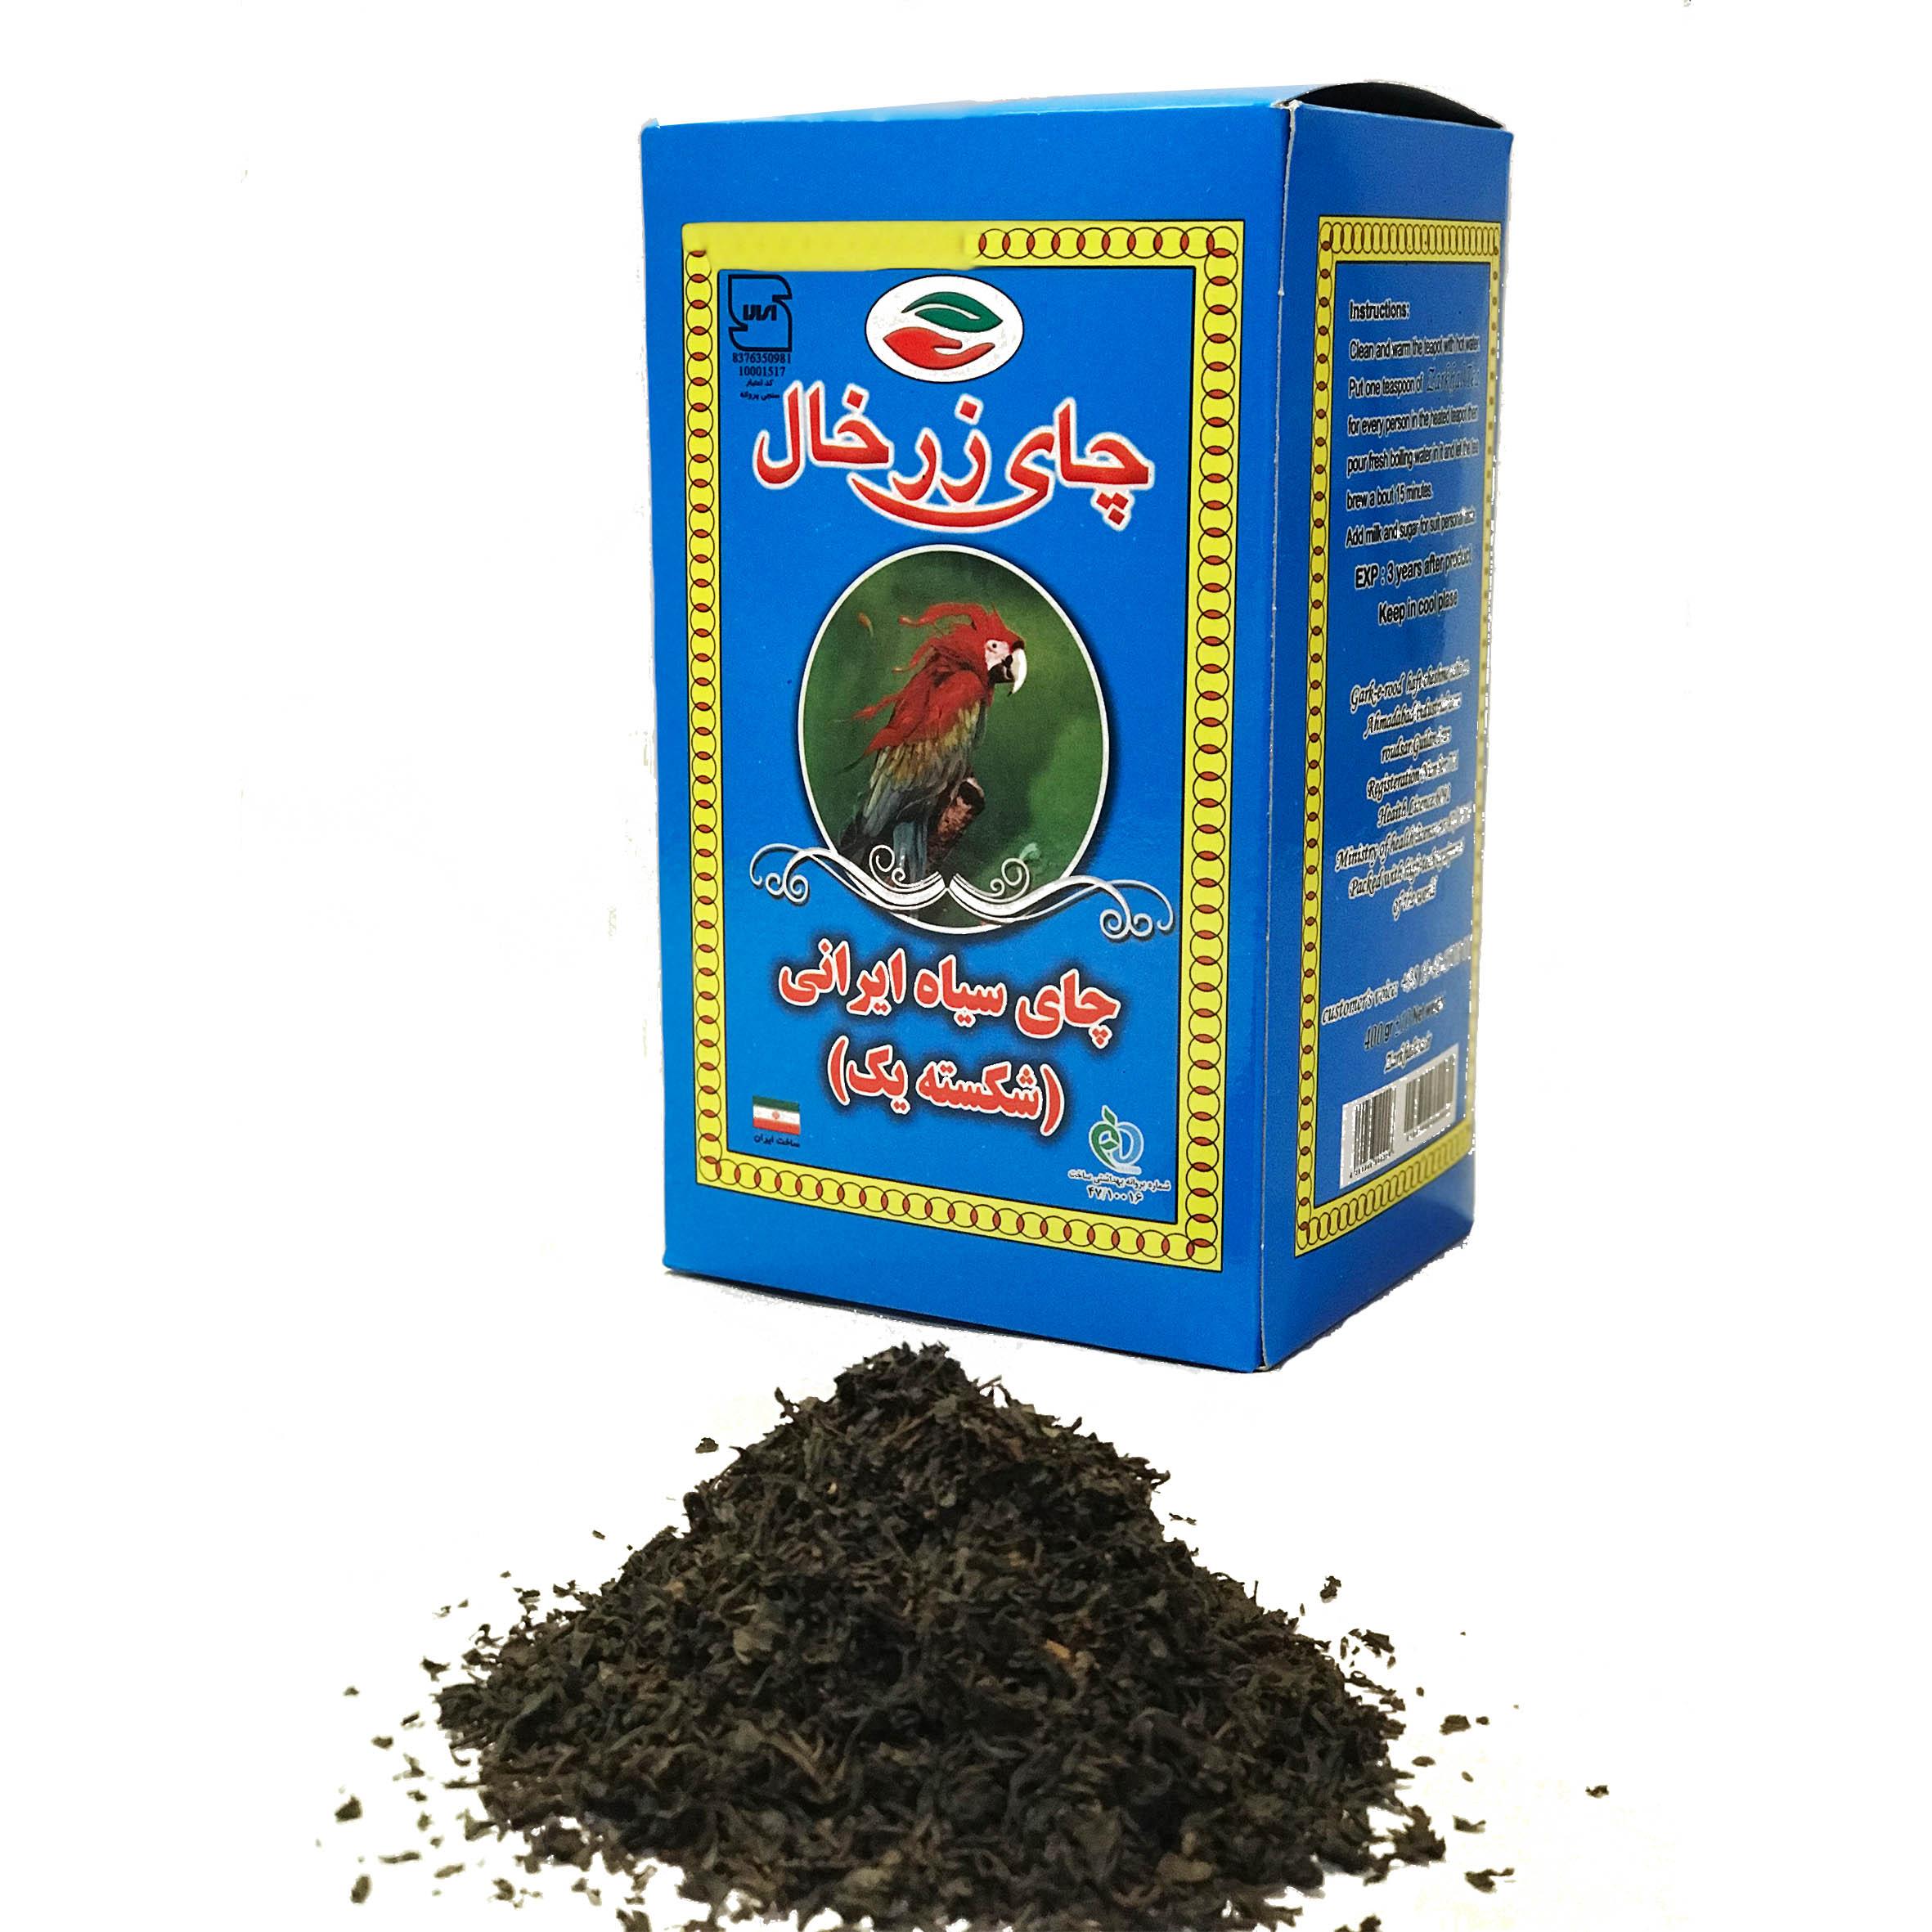 چای سیاه شکسته زرخال - 400 گرم